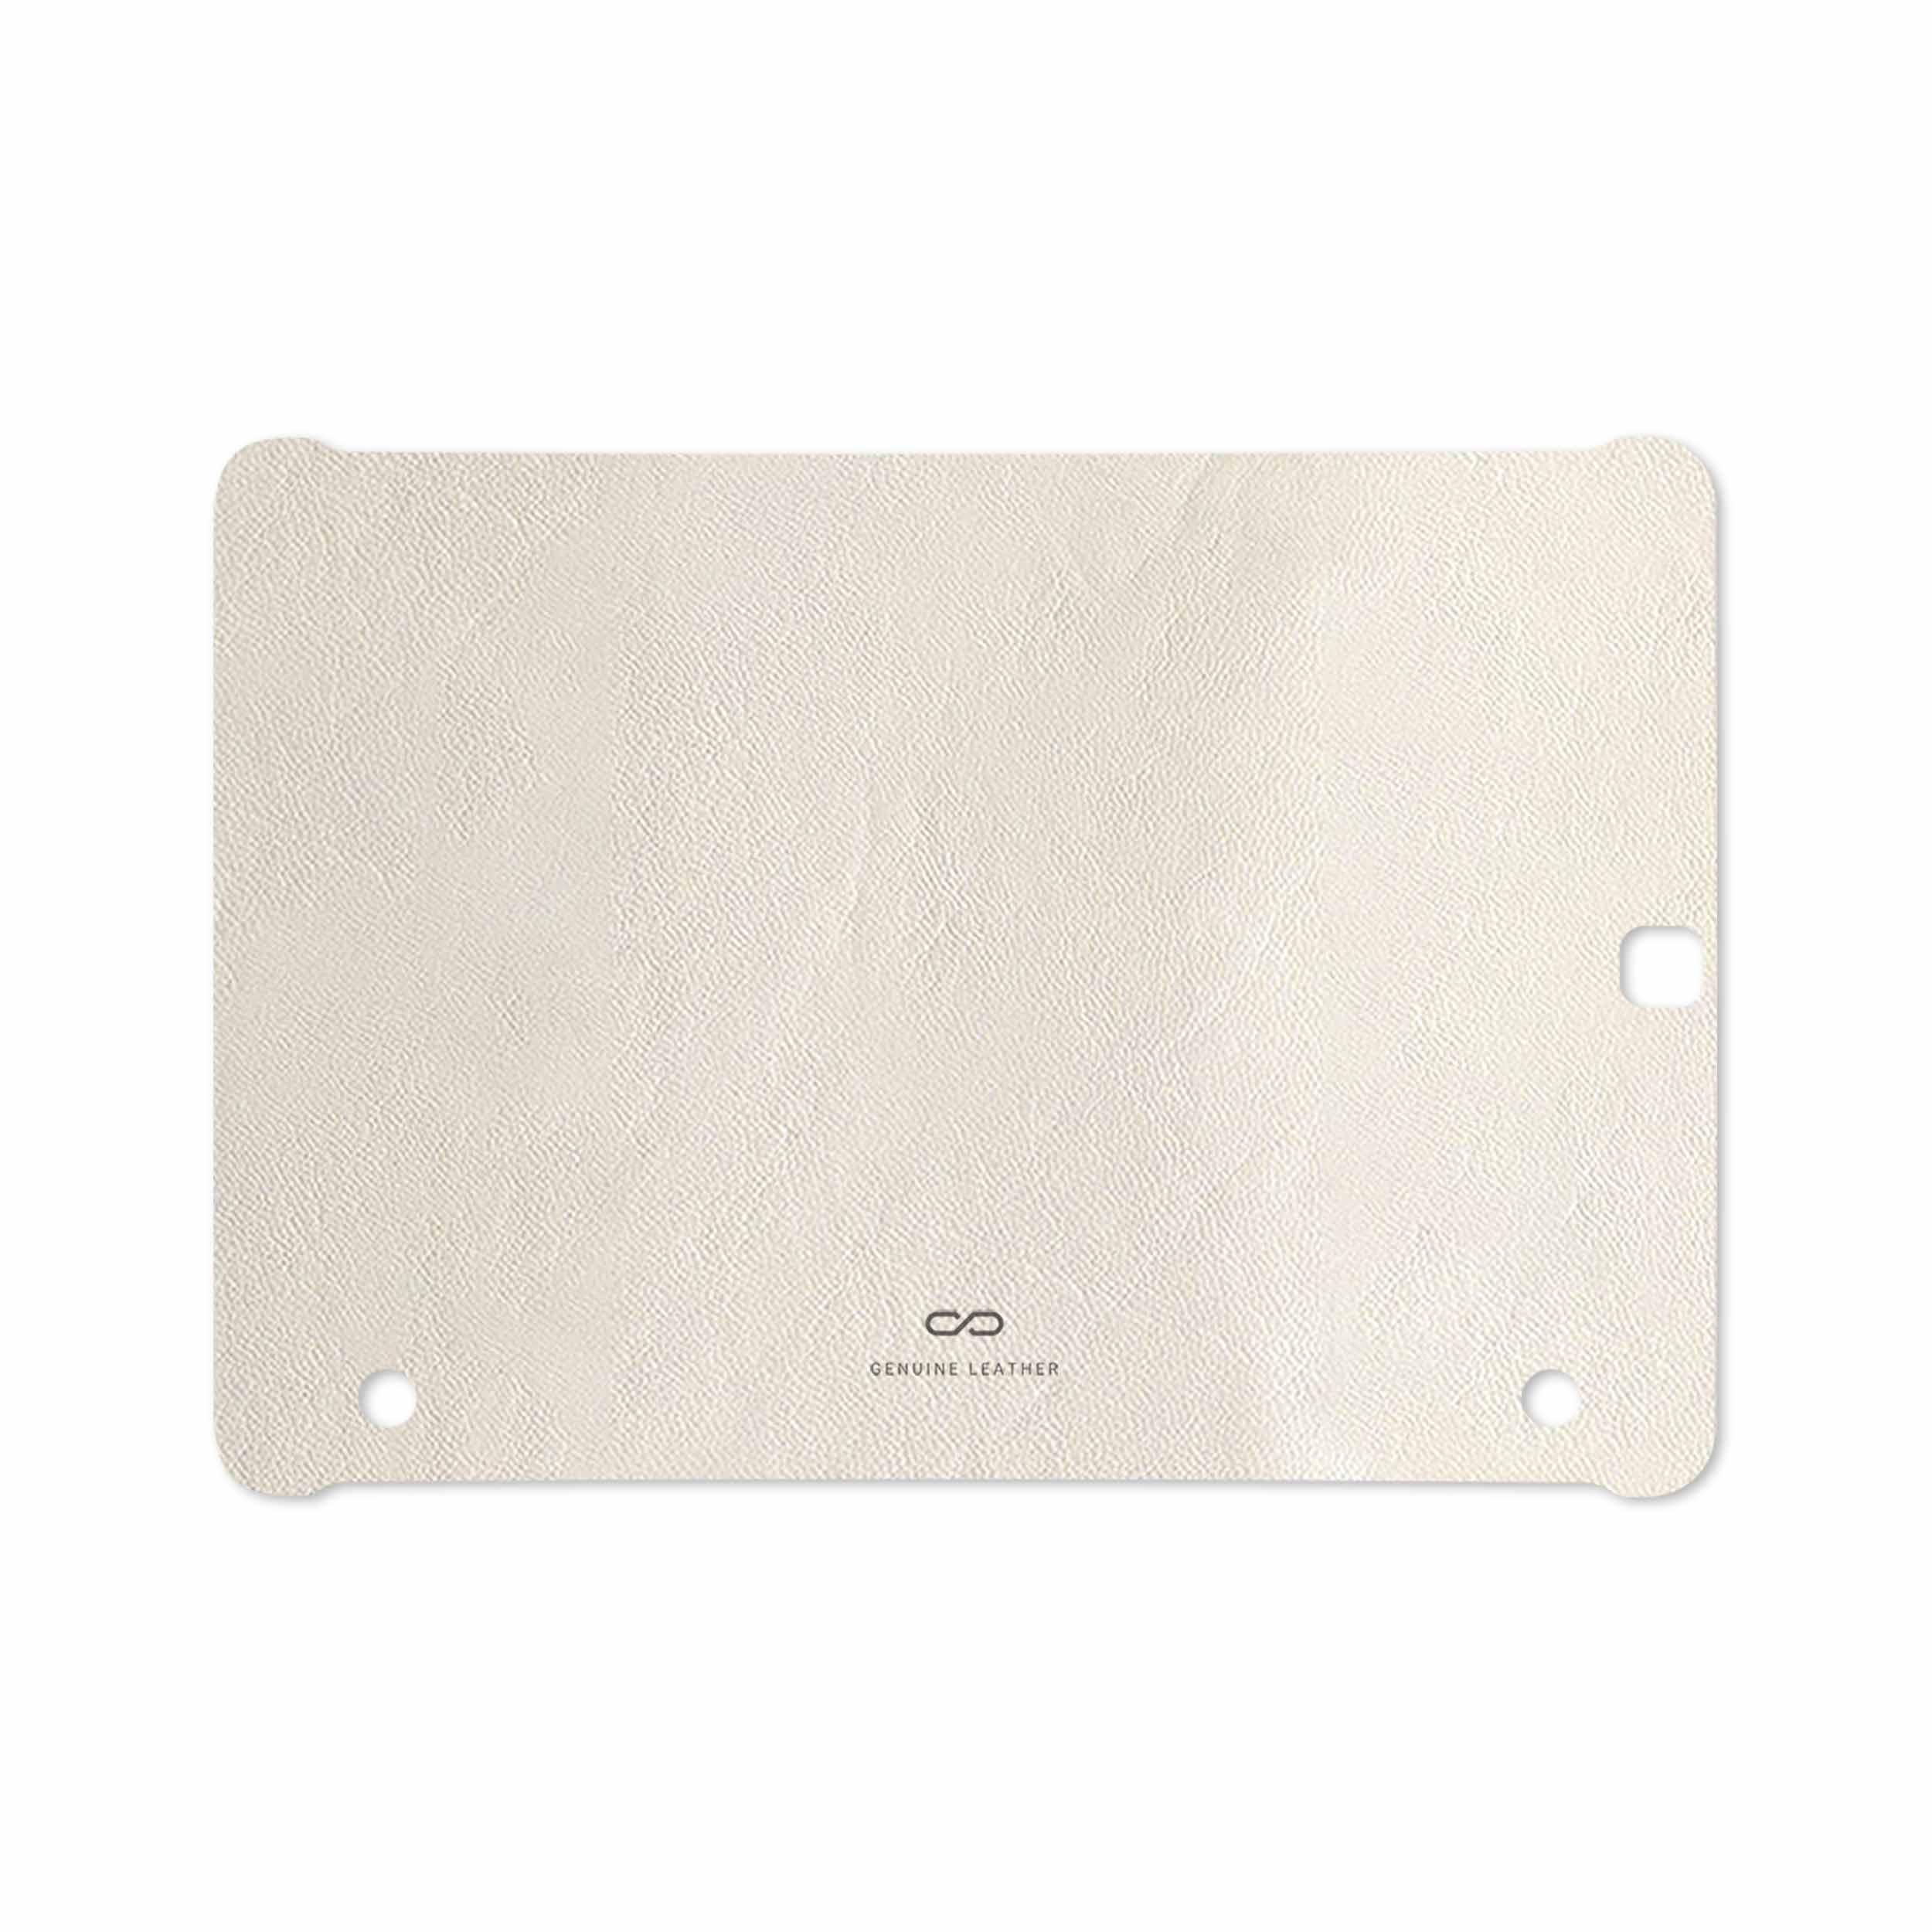 بررسی و خرید [با تخفیف]                                     برچسب پوششی ماهوت مدل Corn-Silk-Leather مناسب برای تبلت سامسونگ Galaxy Tab S2 9.7 2016 T819N                             اورجینال